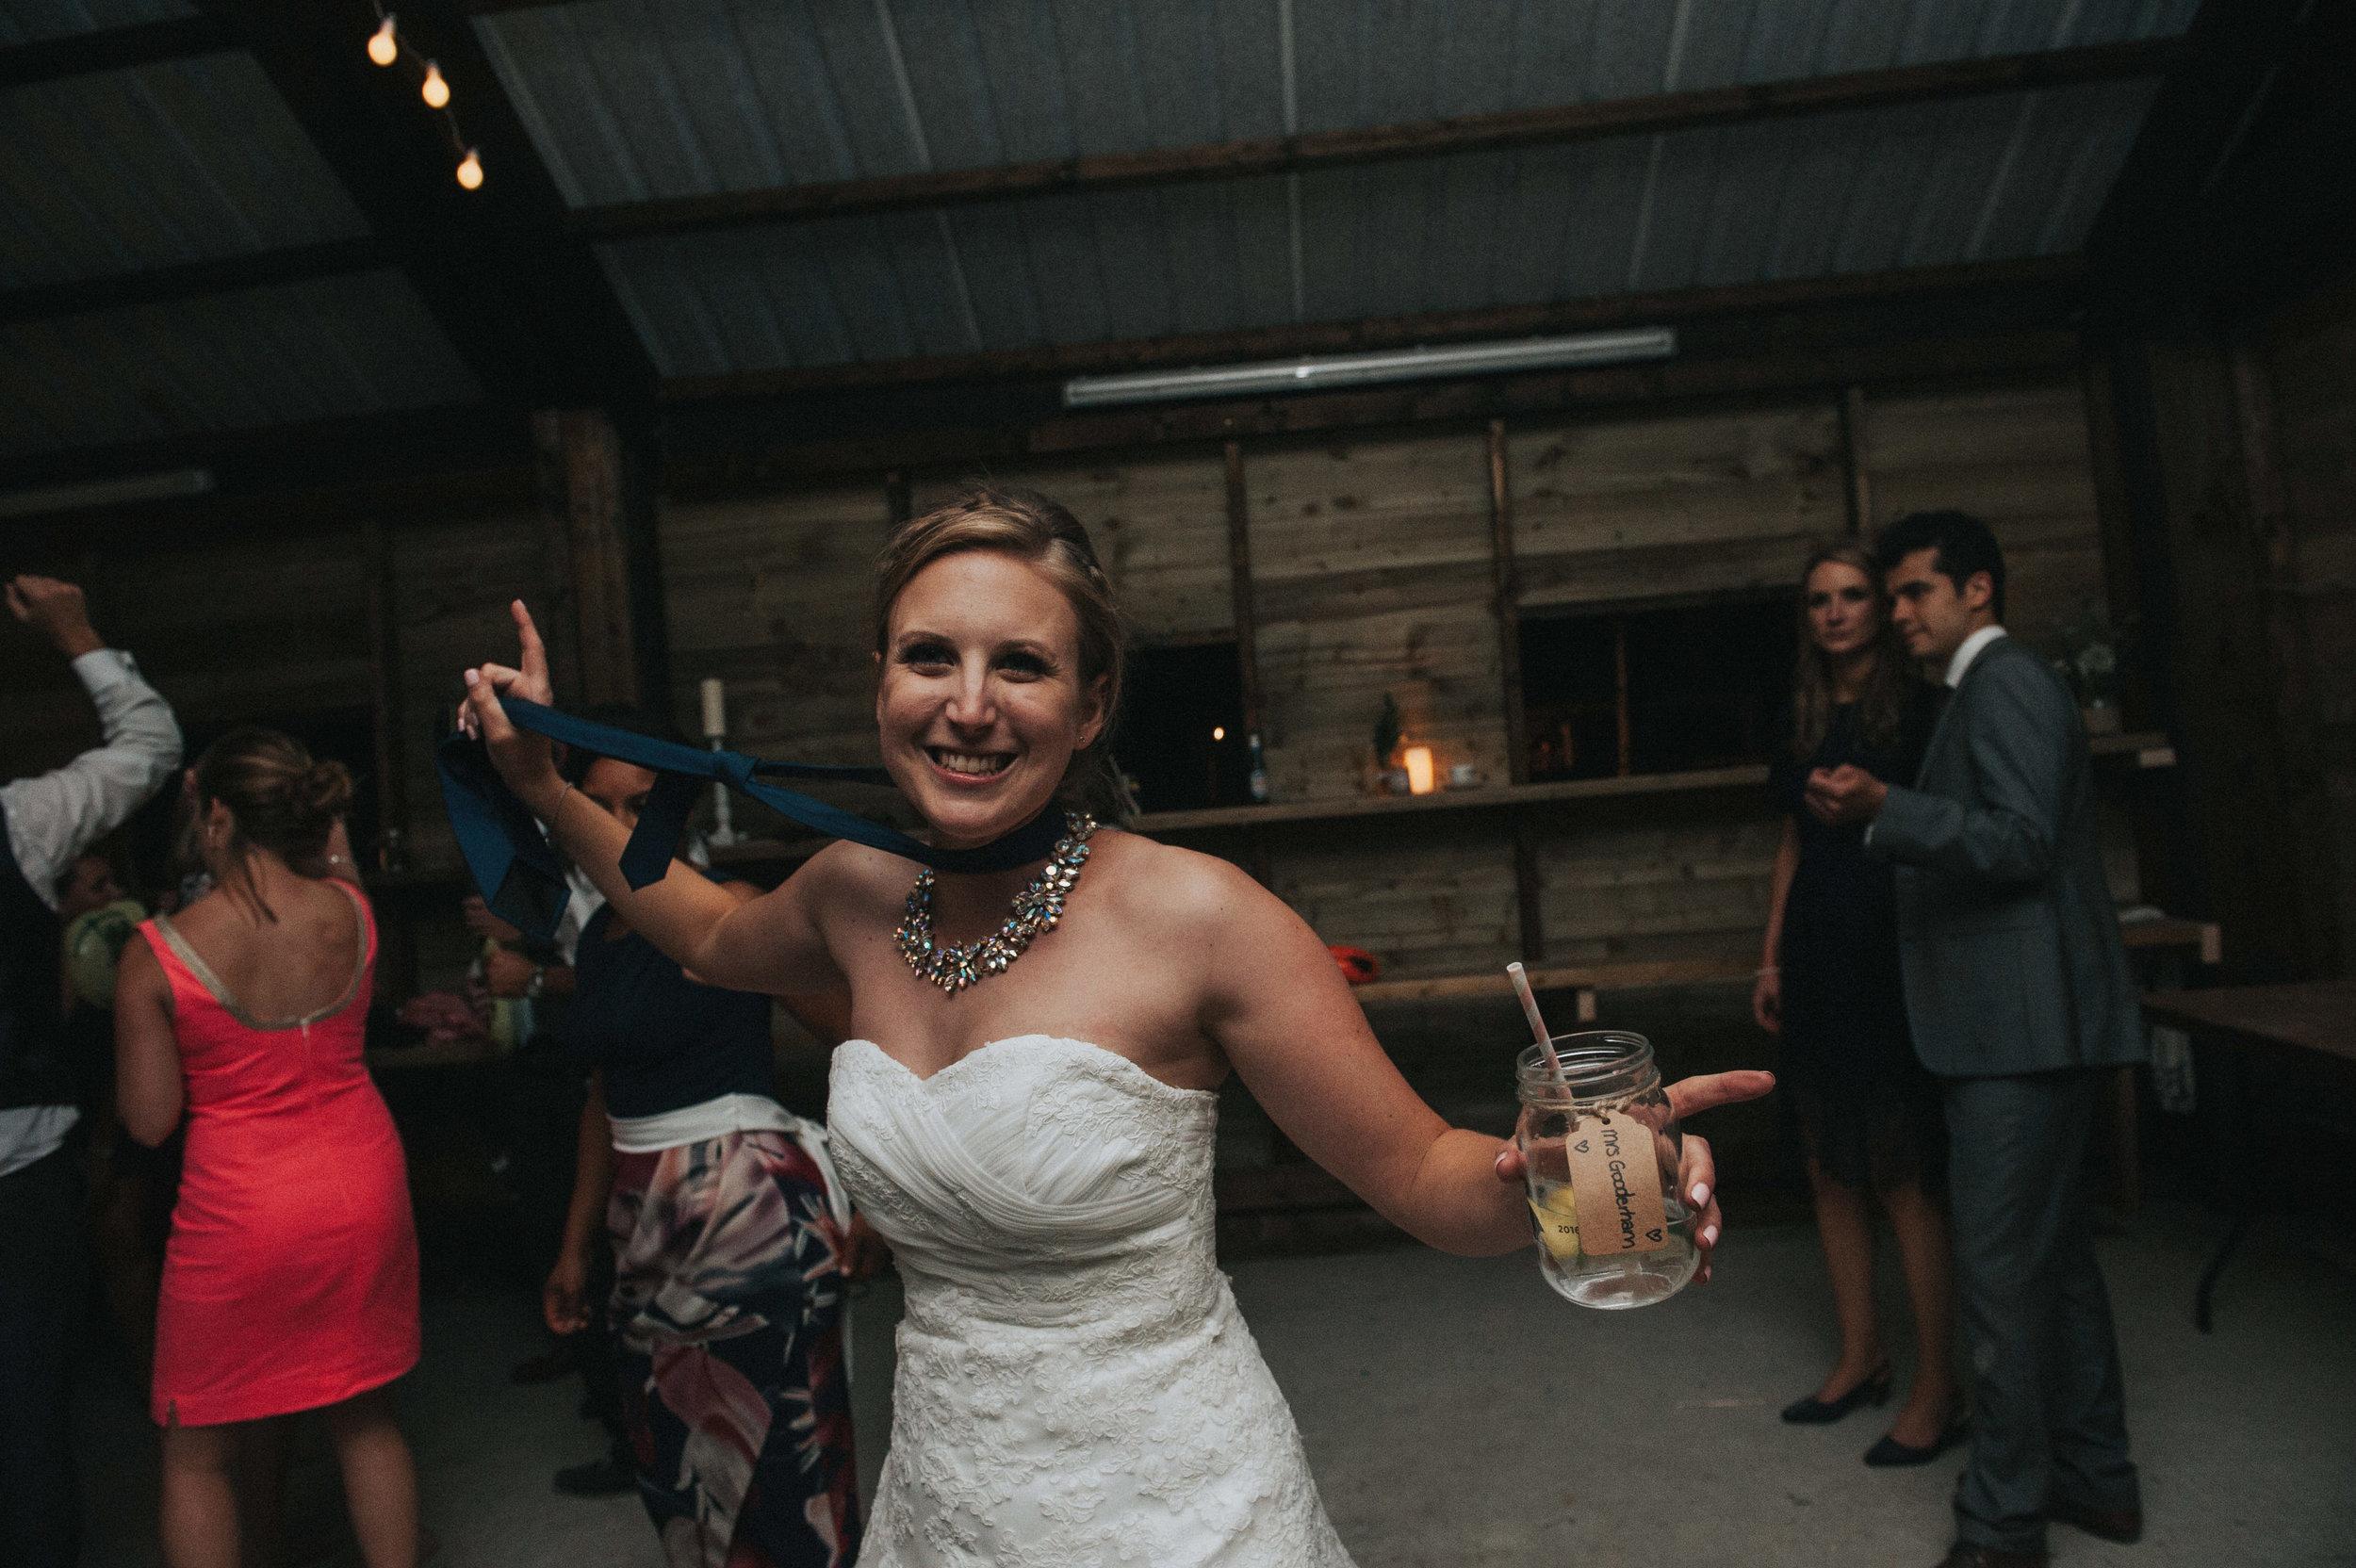 festival-farm-wedding-182.jpg